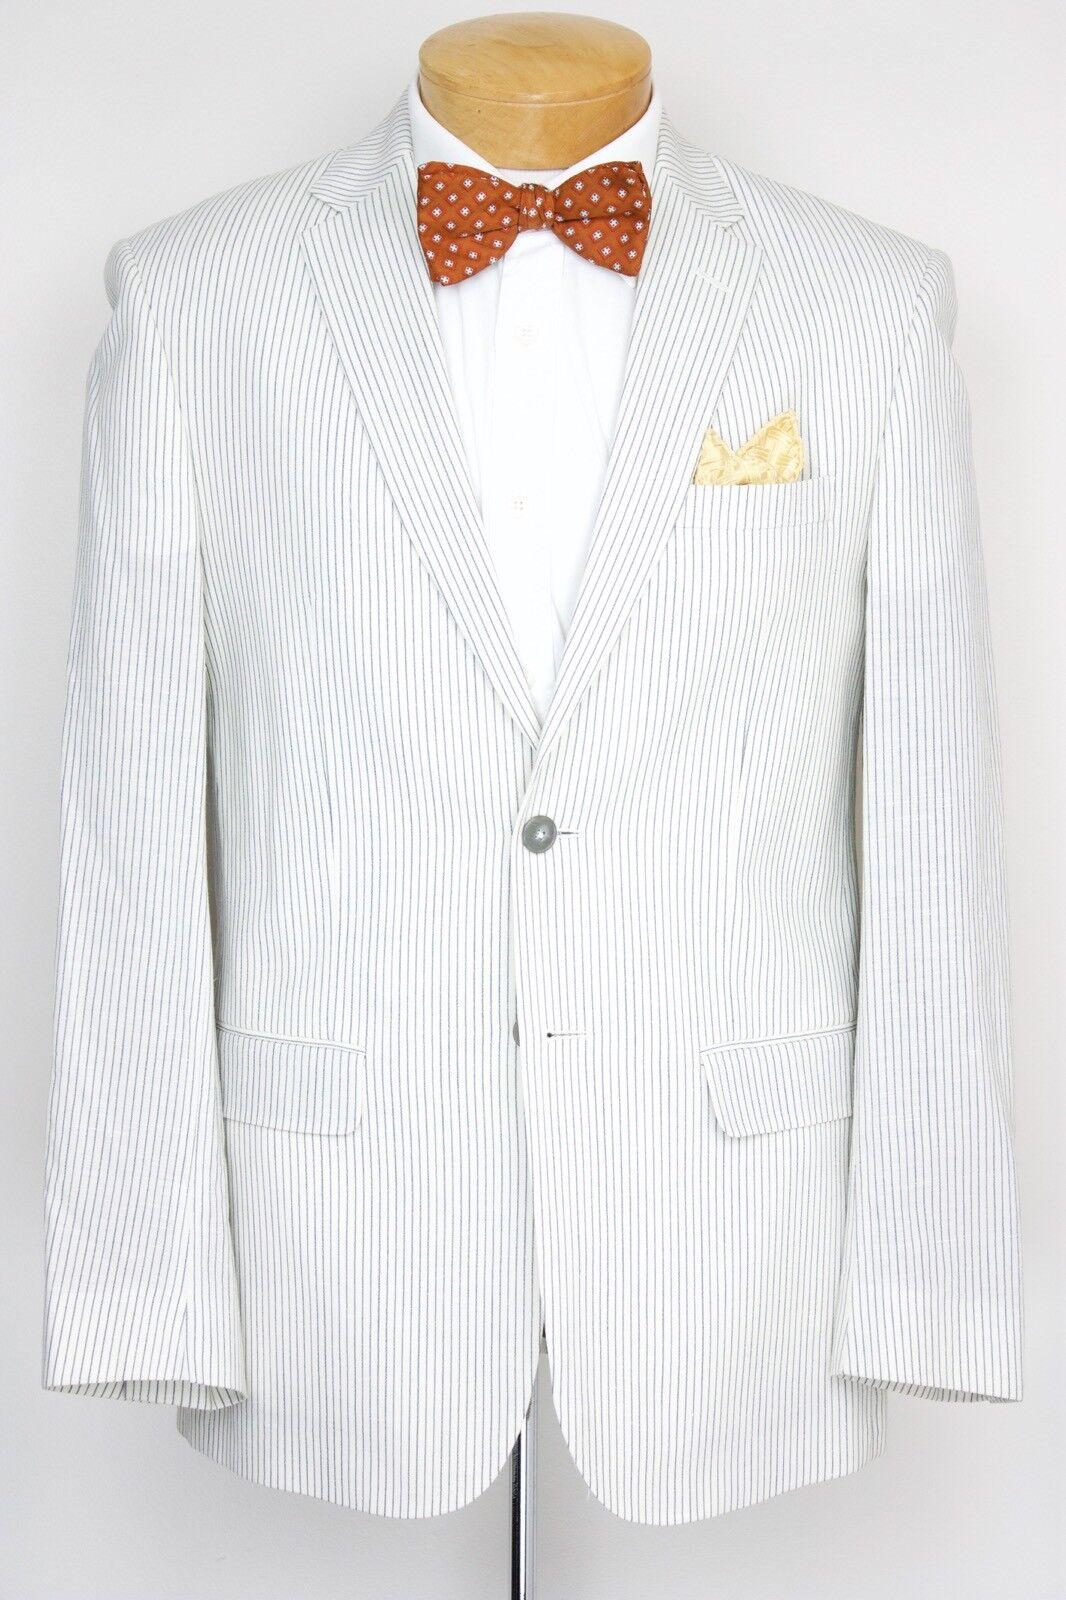 Neu Jos A Ufer Creme Nadelstreifen Schmal Passform Anzug 40s Jahre 33W Wolle   | Hat einen langen Ruf  | Hohe Qualität und günstig  | Verpackungsvielfalt